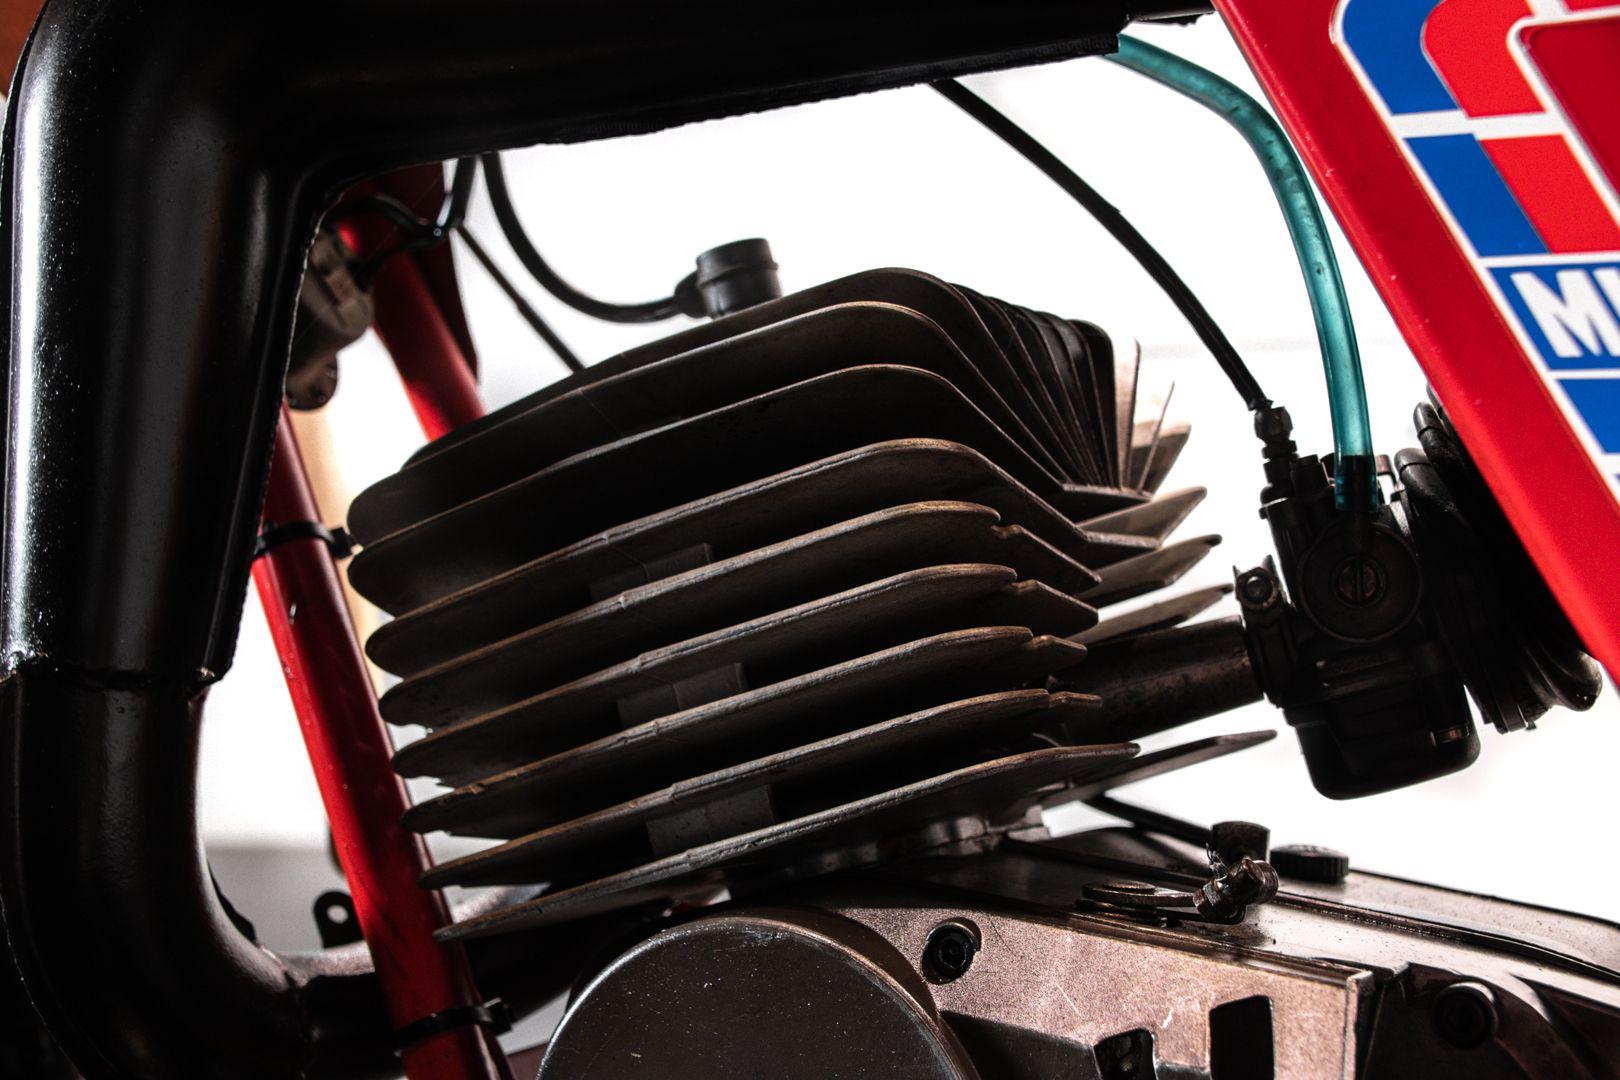 1980 Fantic Motor Caballero 50 Super 6M TX 190 65401